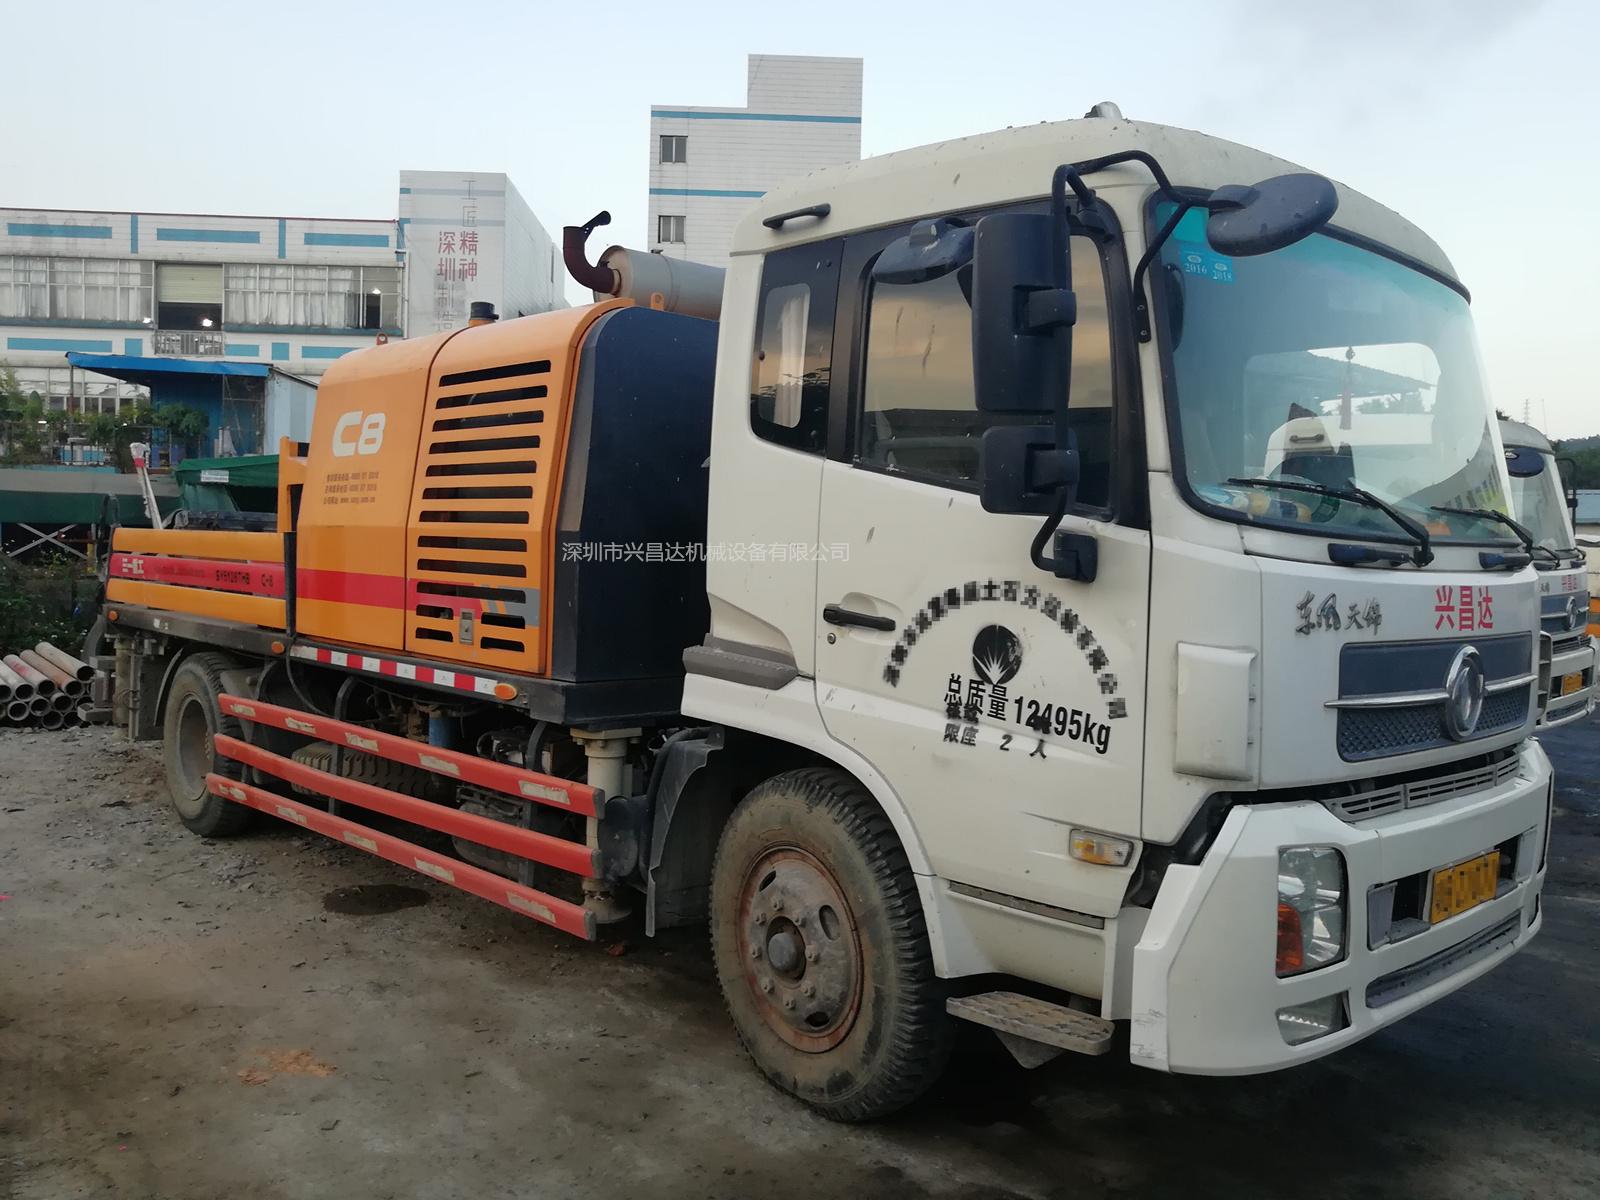 2014年底国四C8三一重工车载泵10020,东风天锦底盘